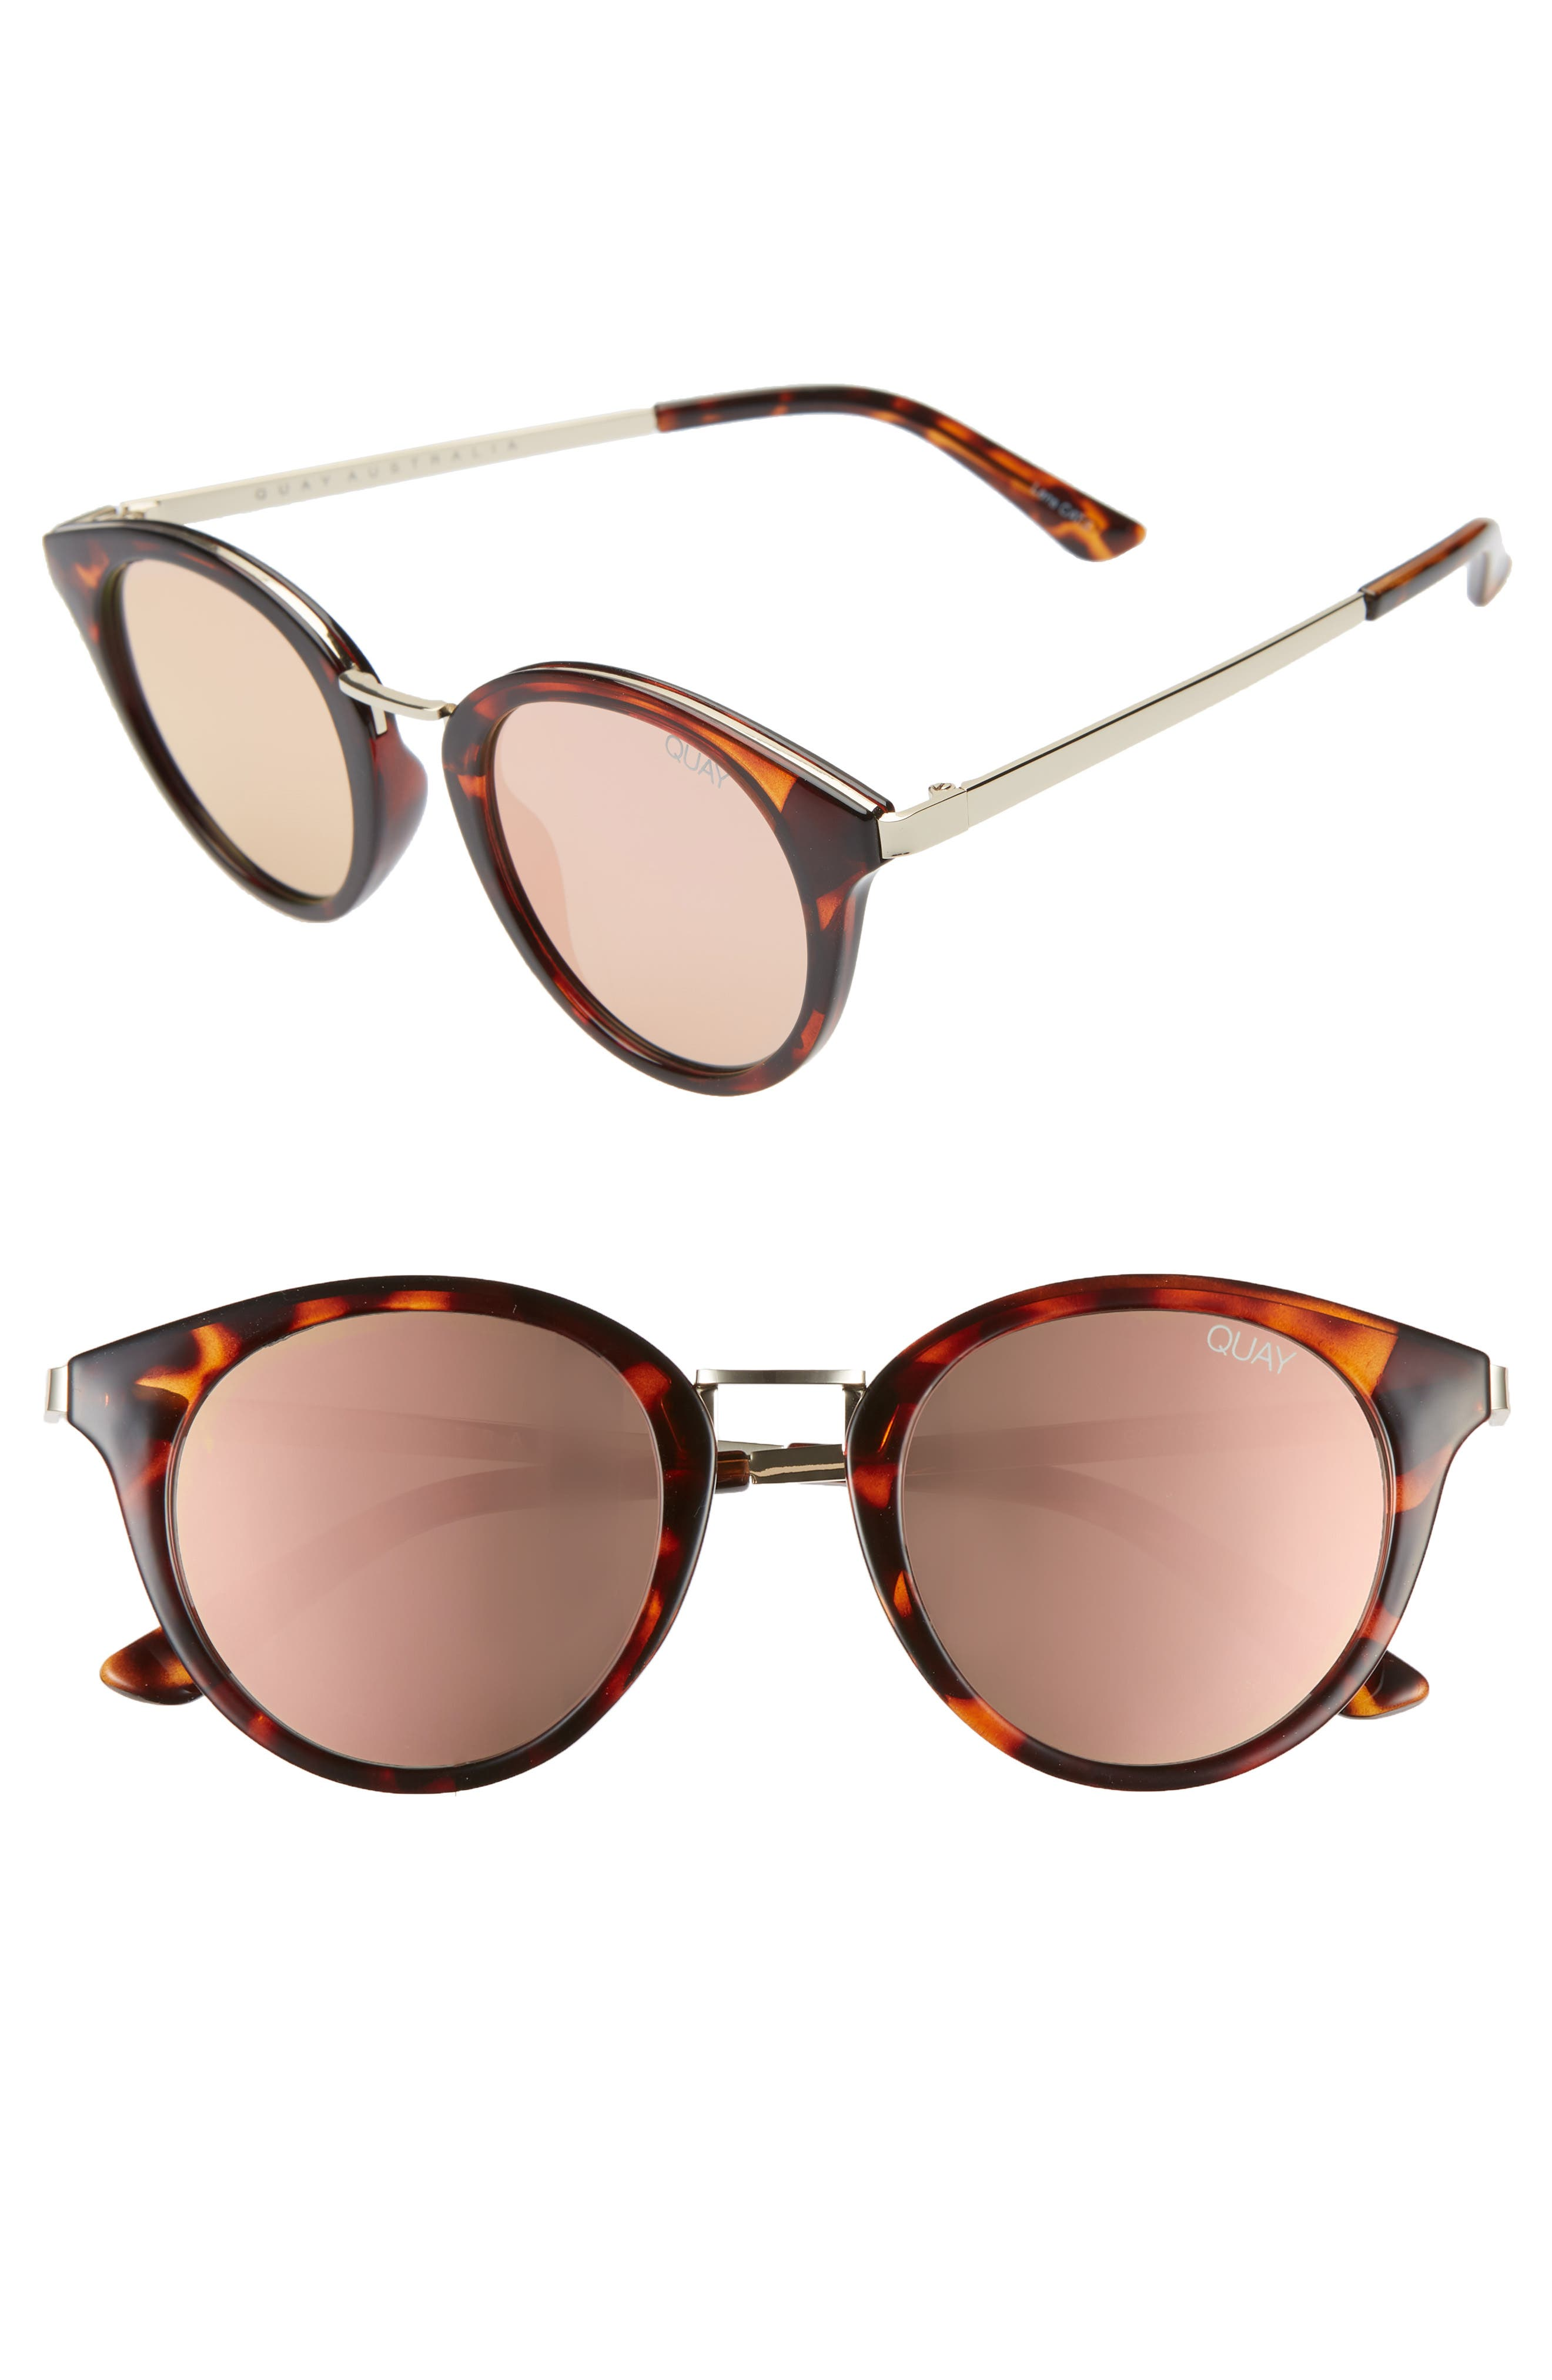 Quay Australia Gotta Run 4m Sunglasses - Tortoise/ Rose